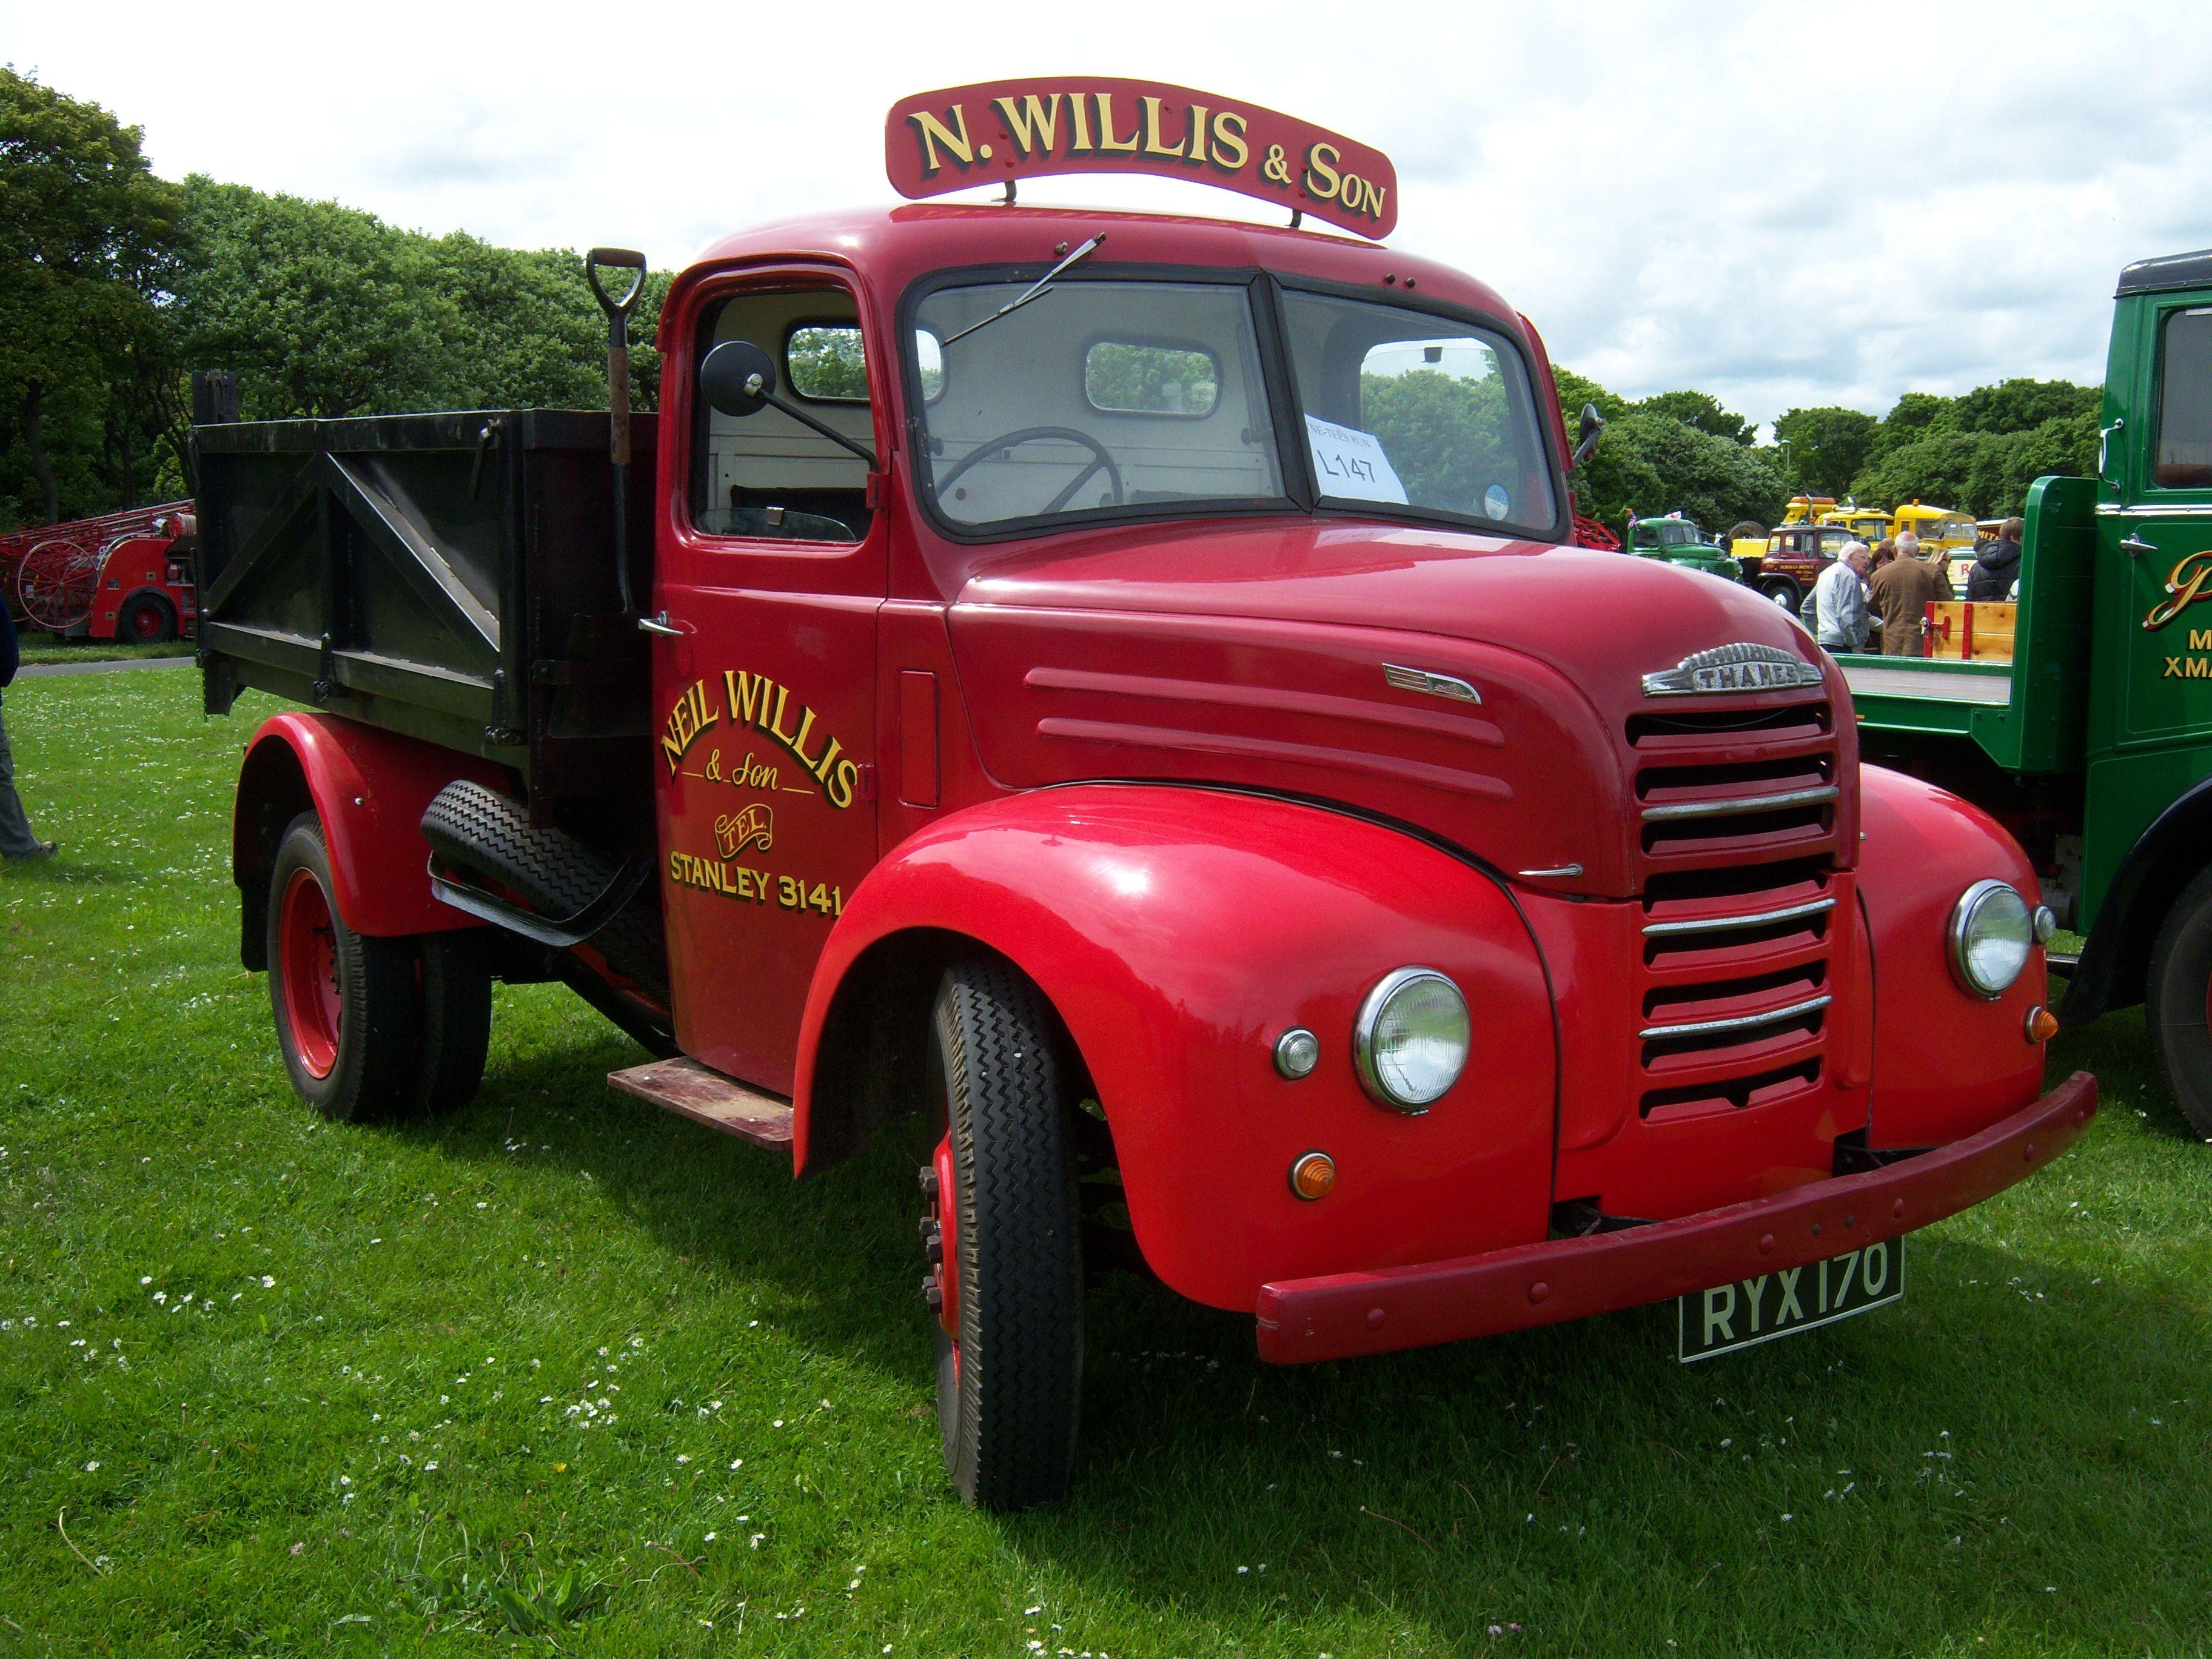 fordson thames et6 - Google Search | Trucks | Pinterest ...